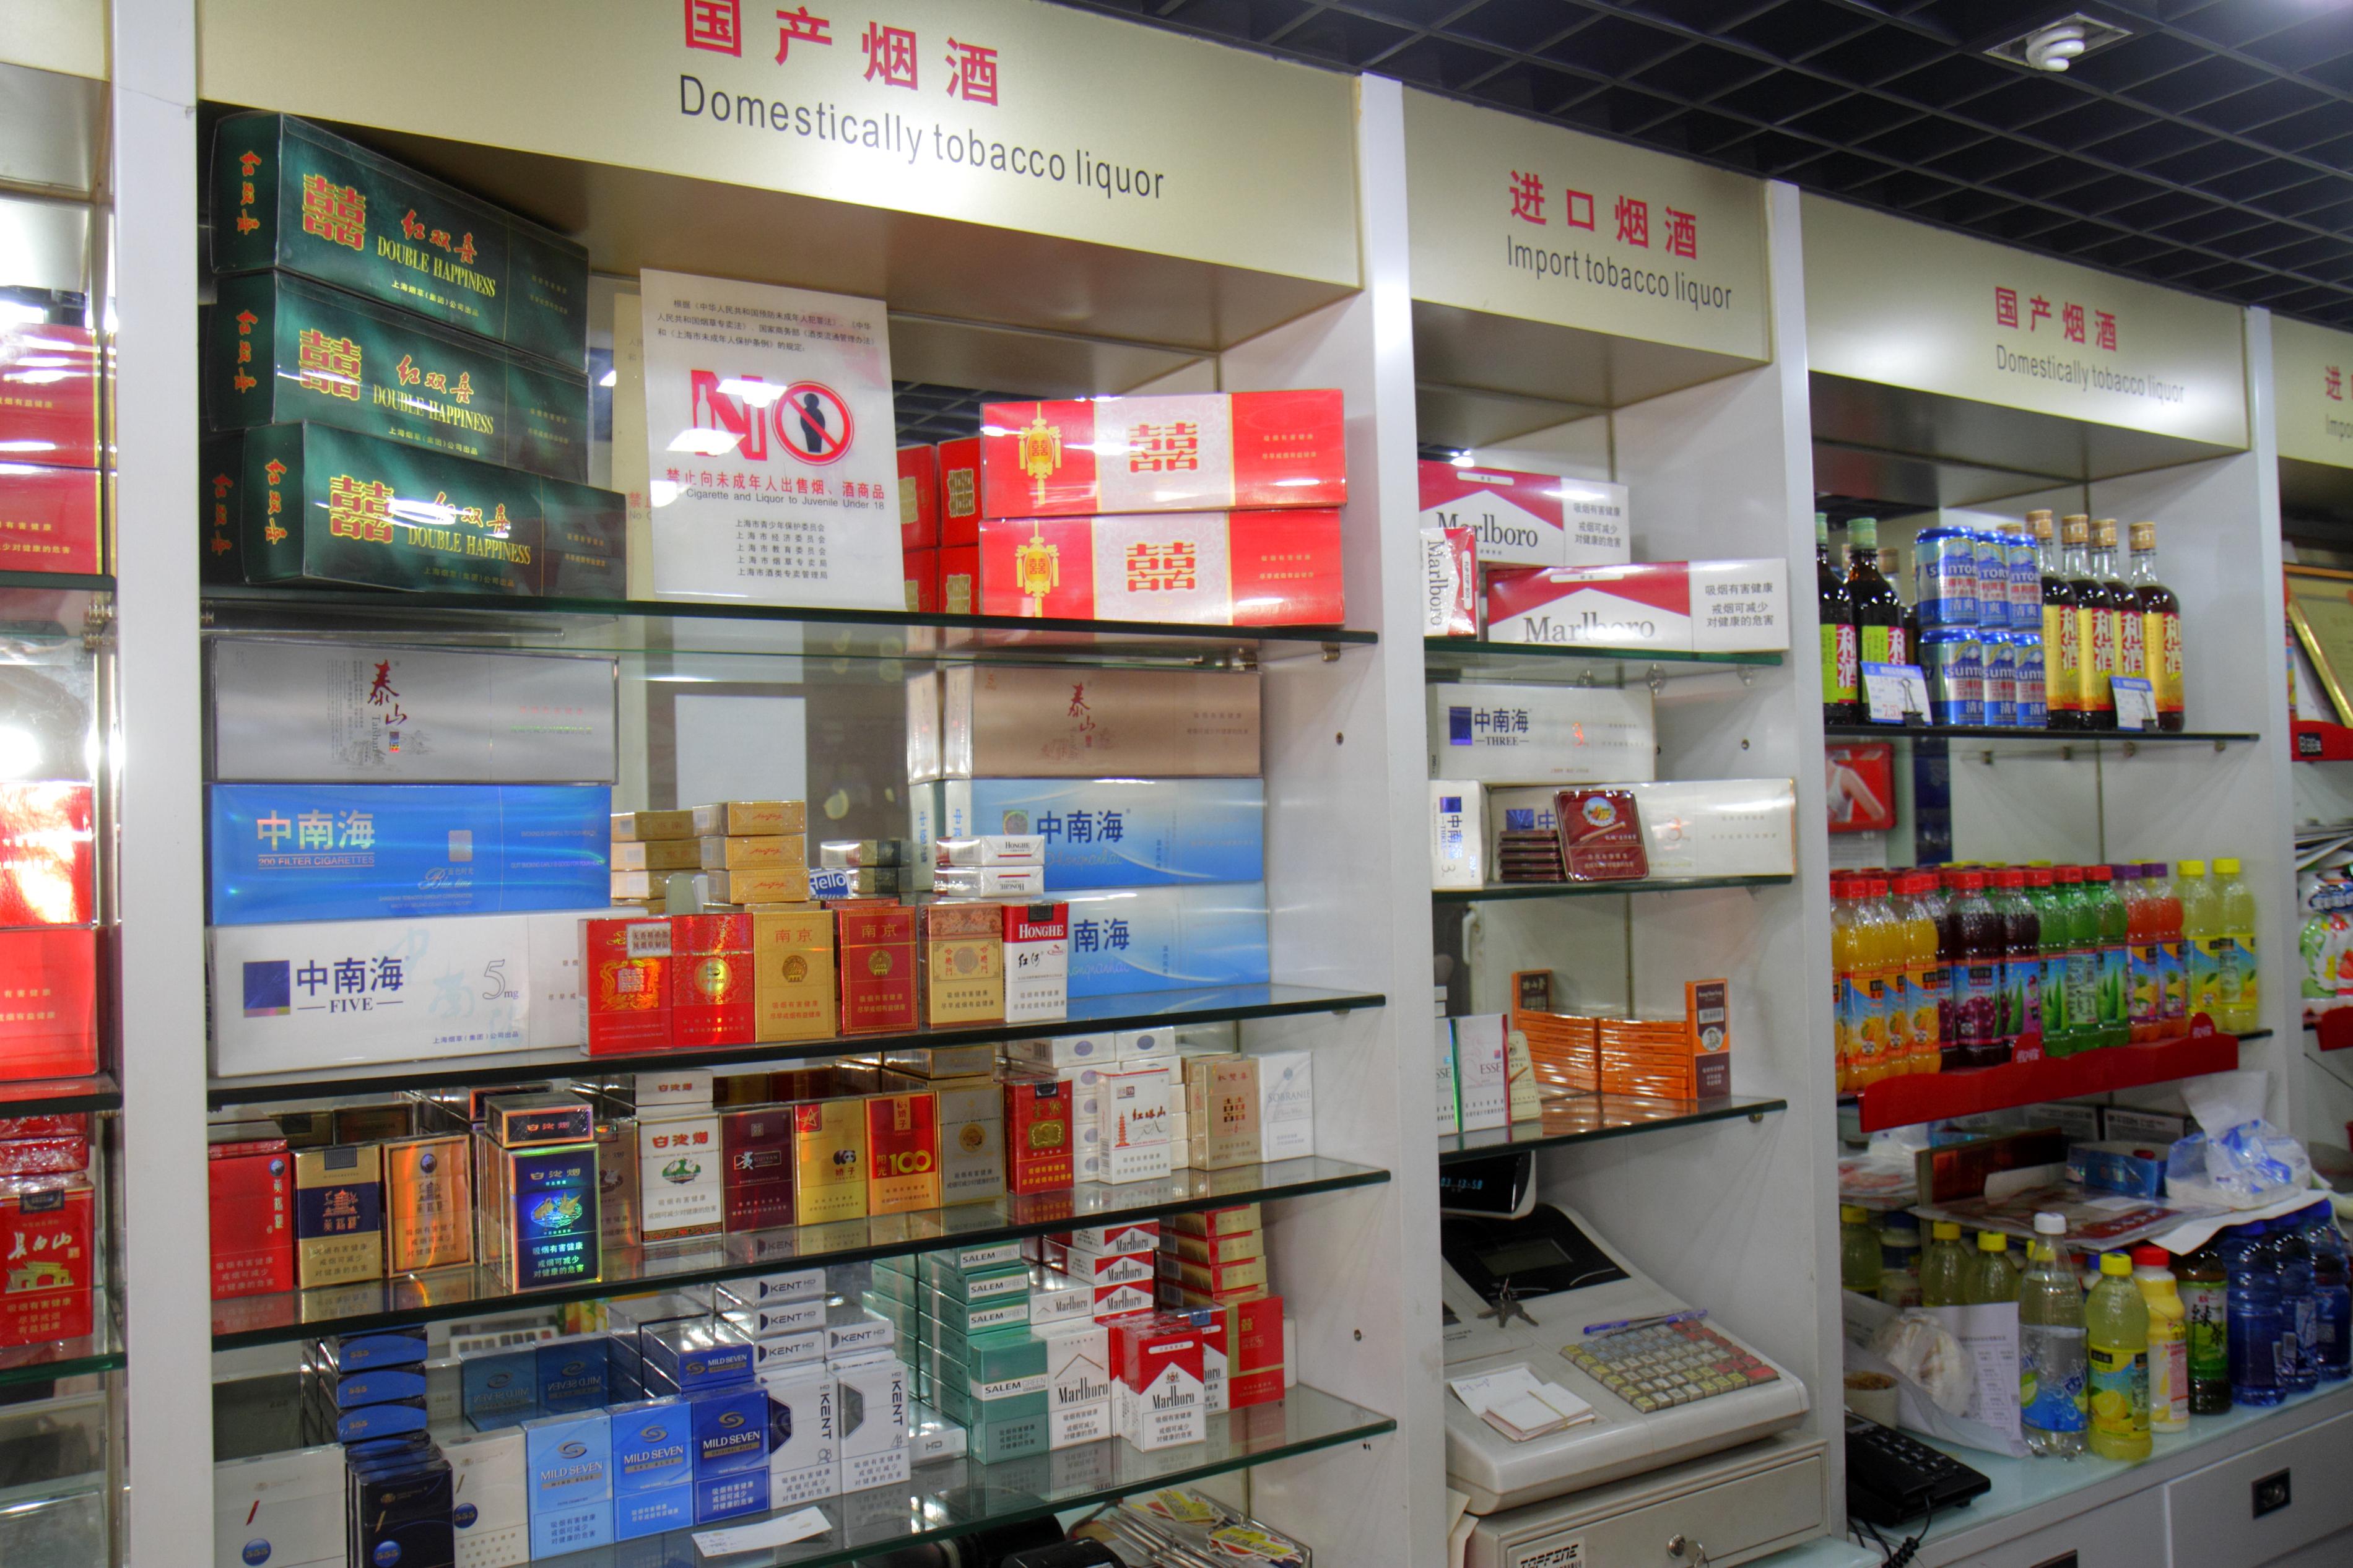 أنواع مختلفة من منتجات التبغ الصينية